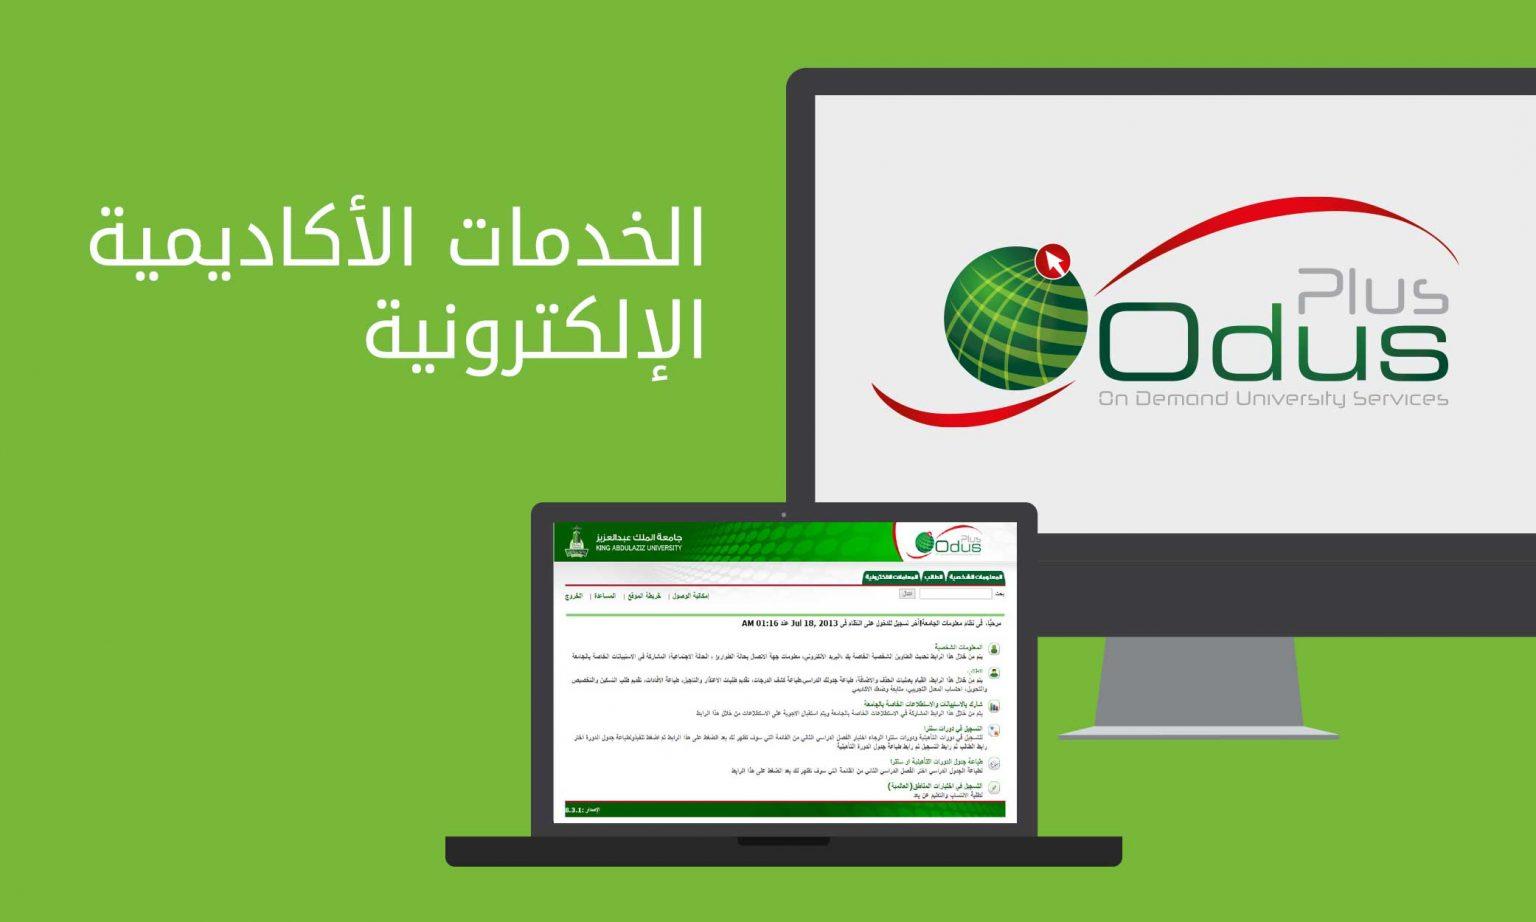 تعرف على نظام اودس بلس جامعة الملك عبدالعزيز